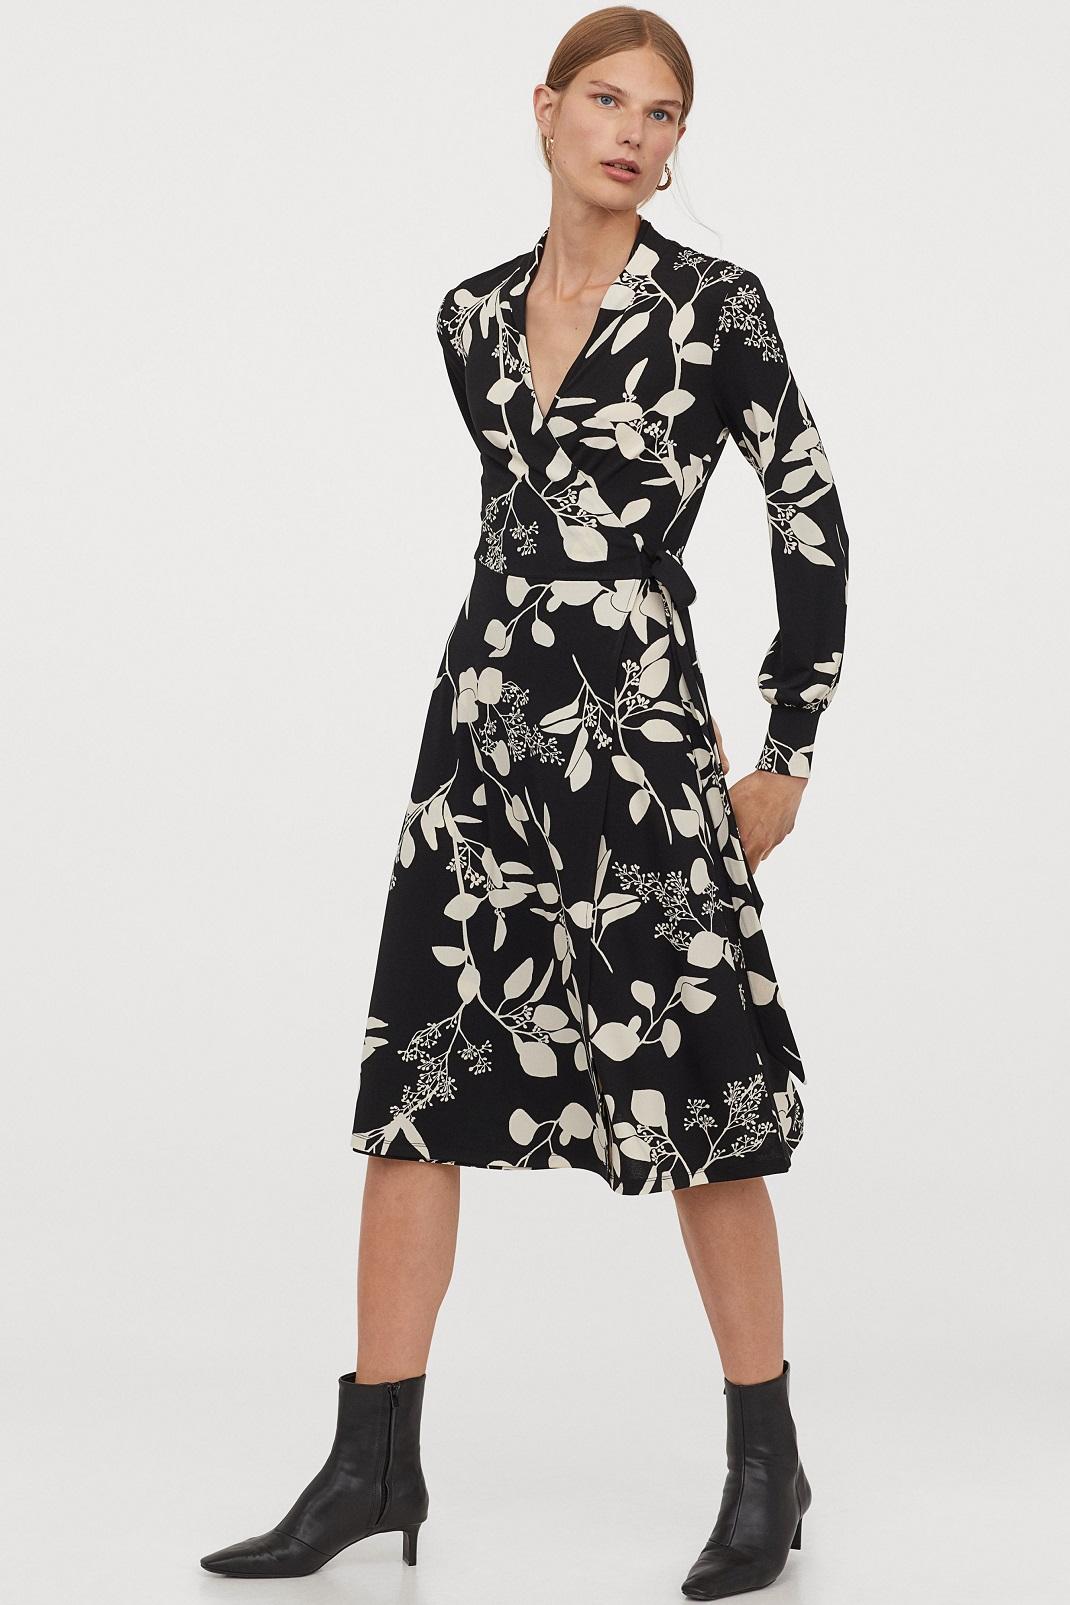 μοντέλο φορά ασπρόμαυρο φόρεμα H&m